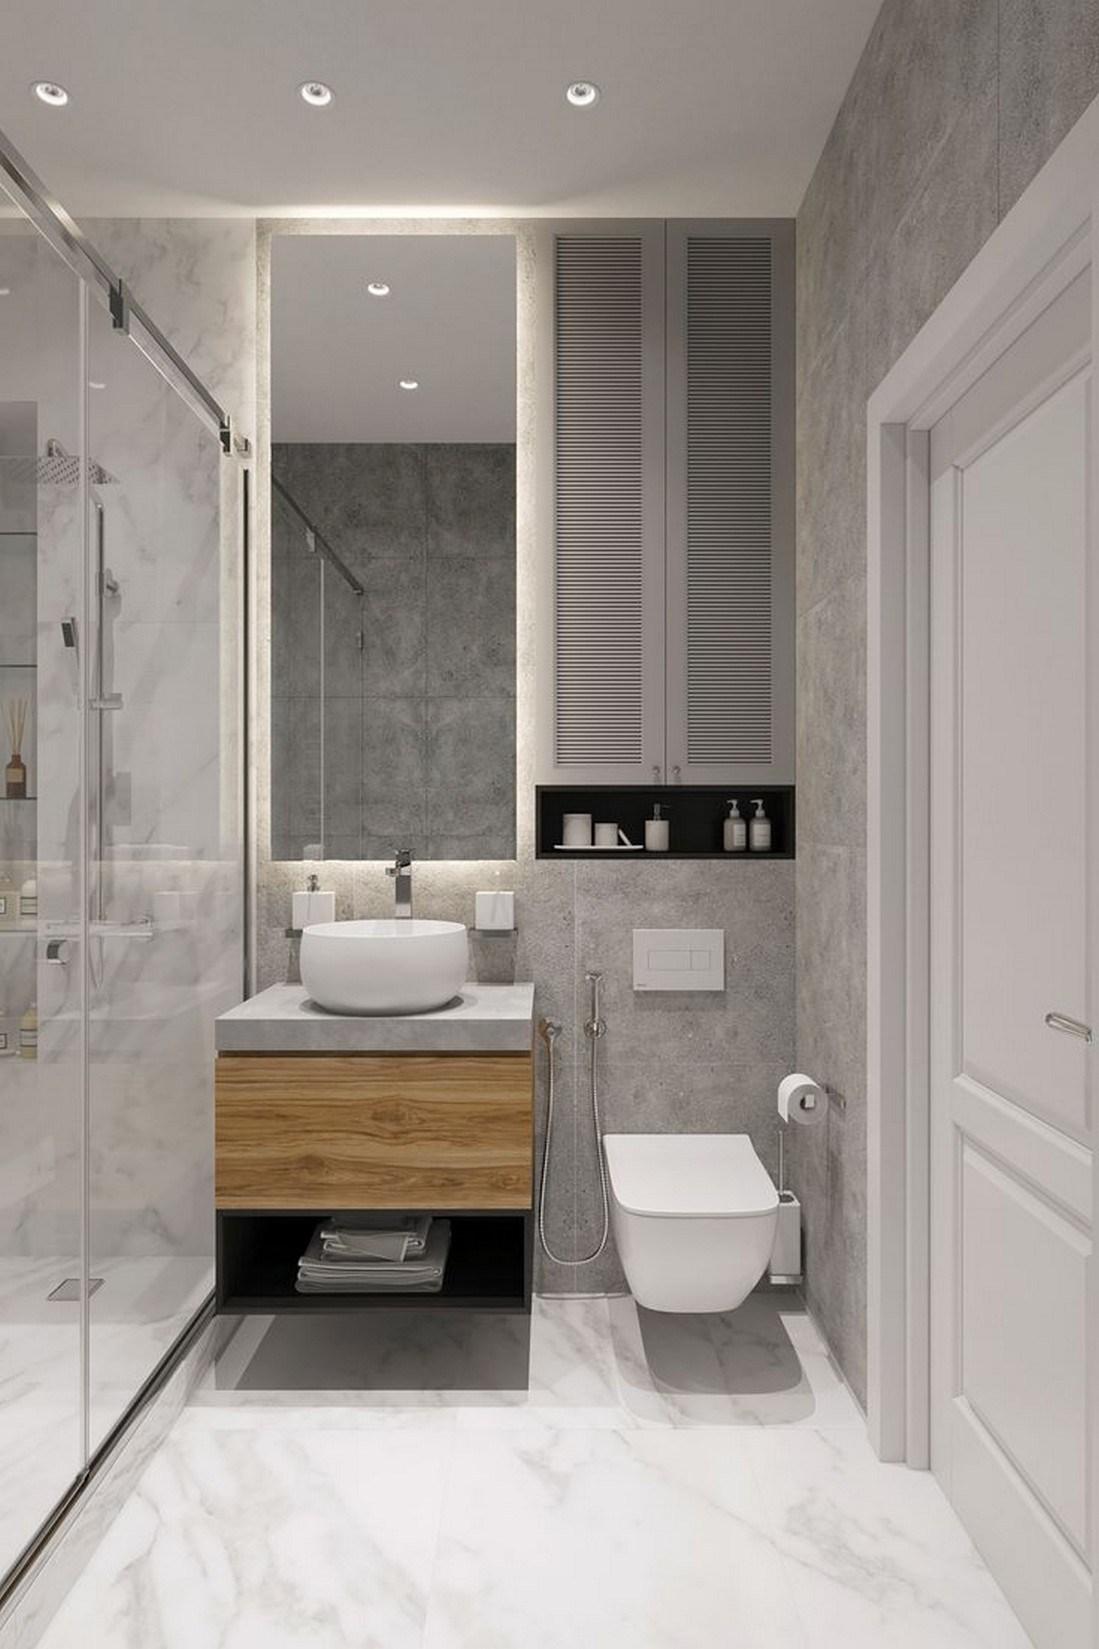 5 mẹo để khử mùi cho phòng tắm